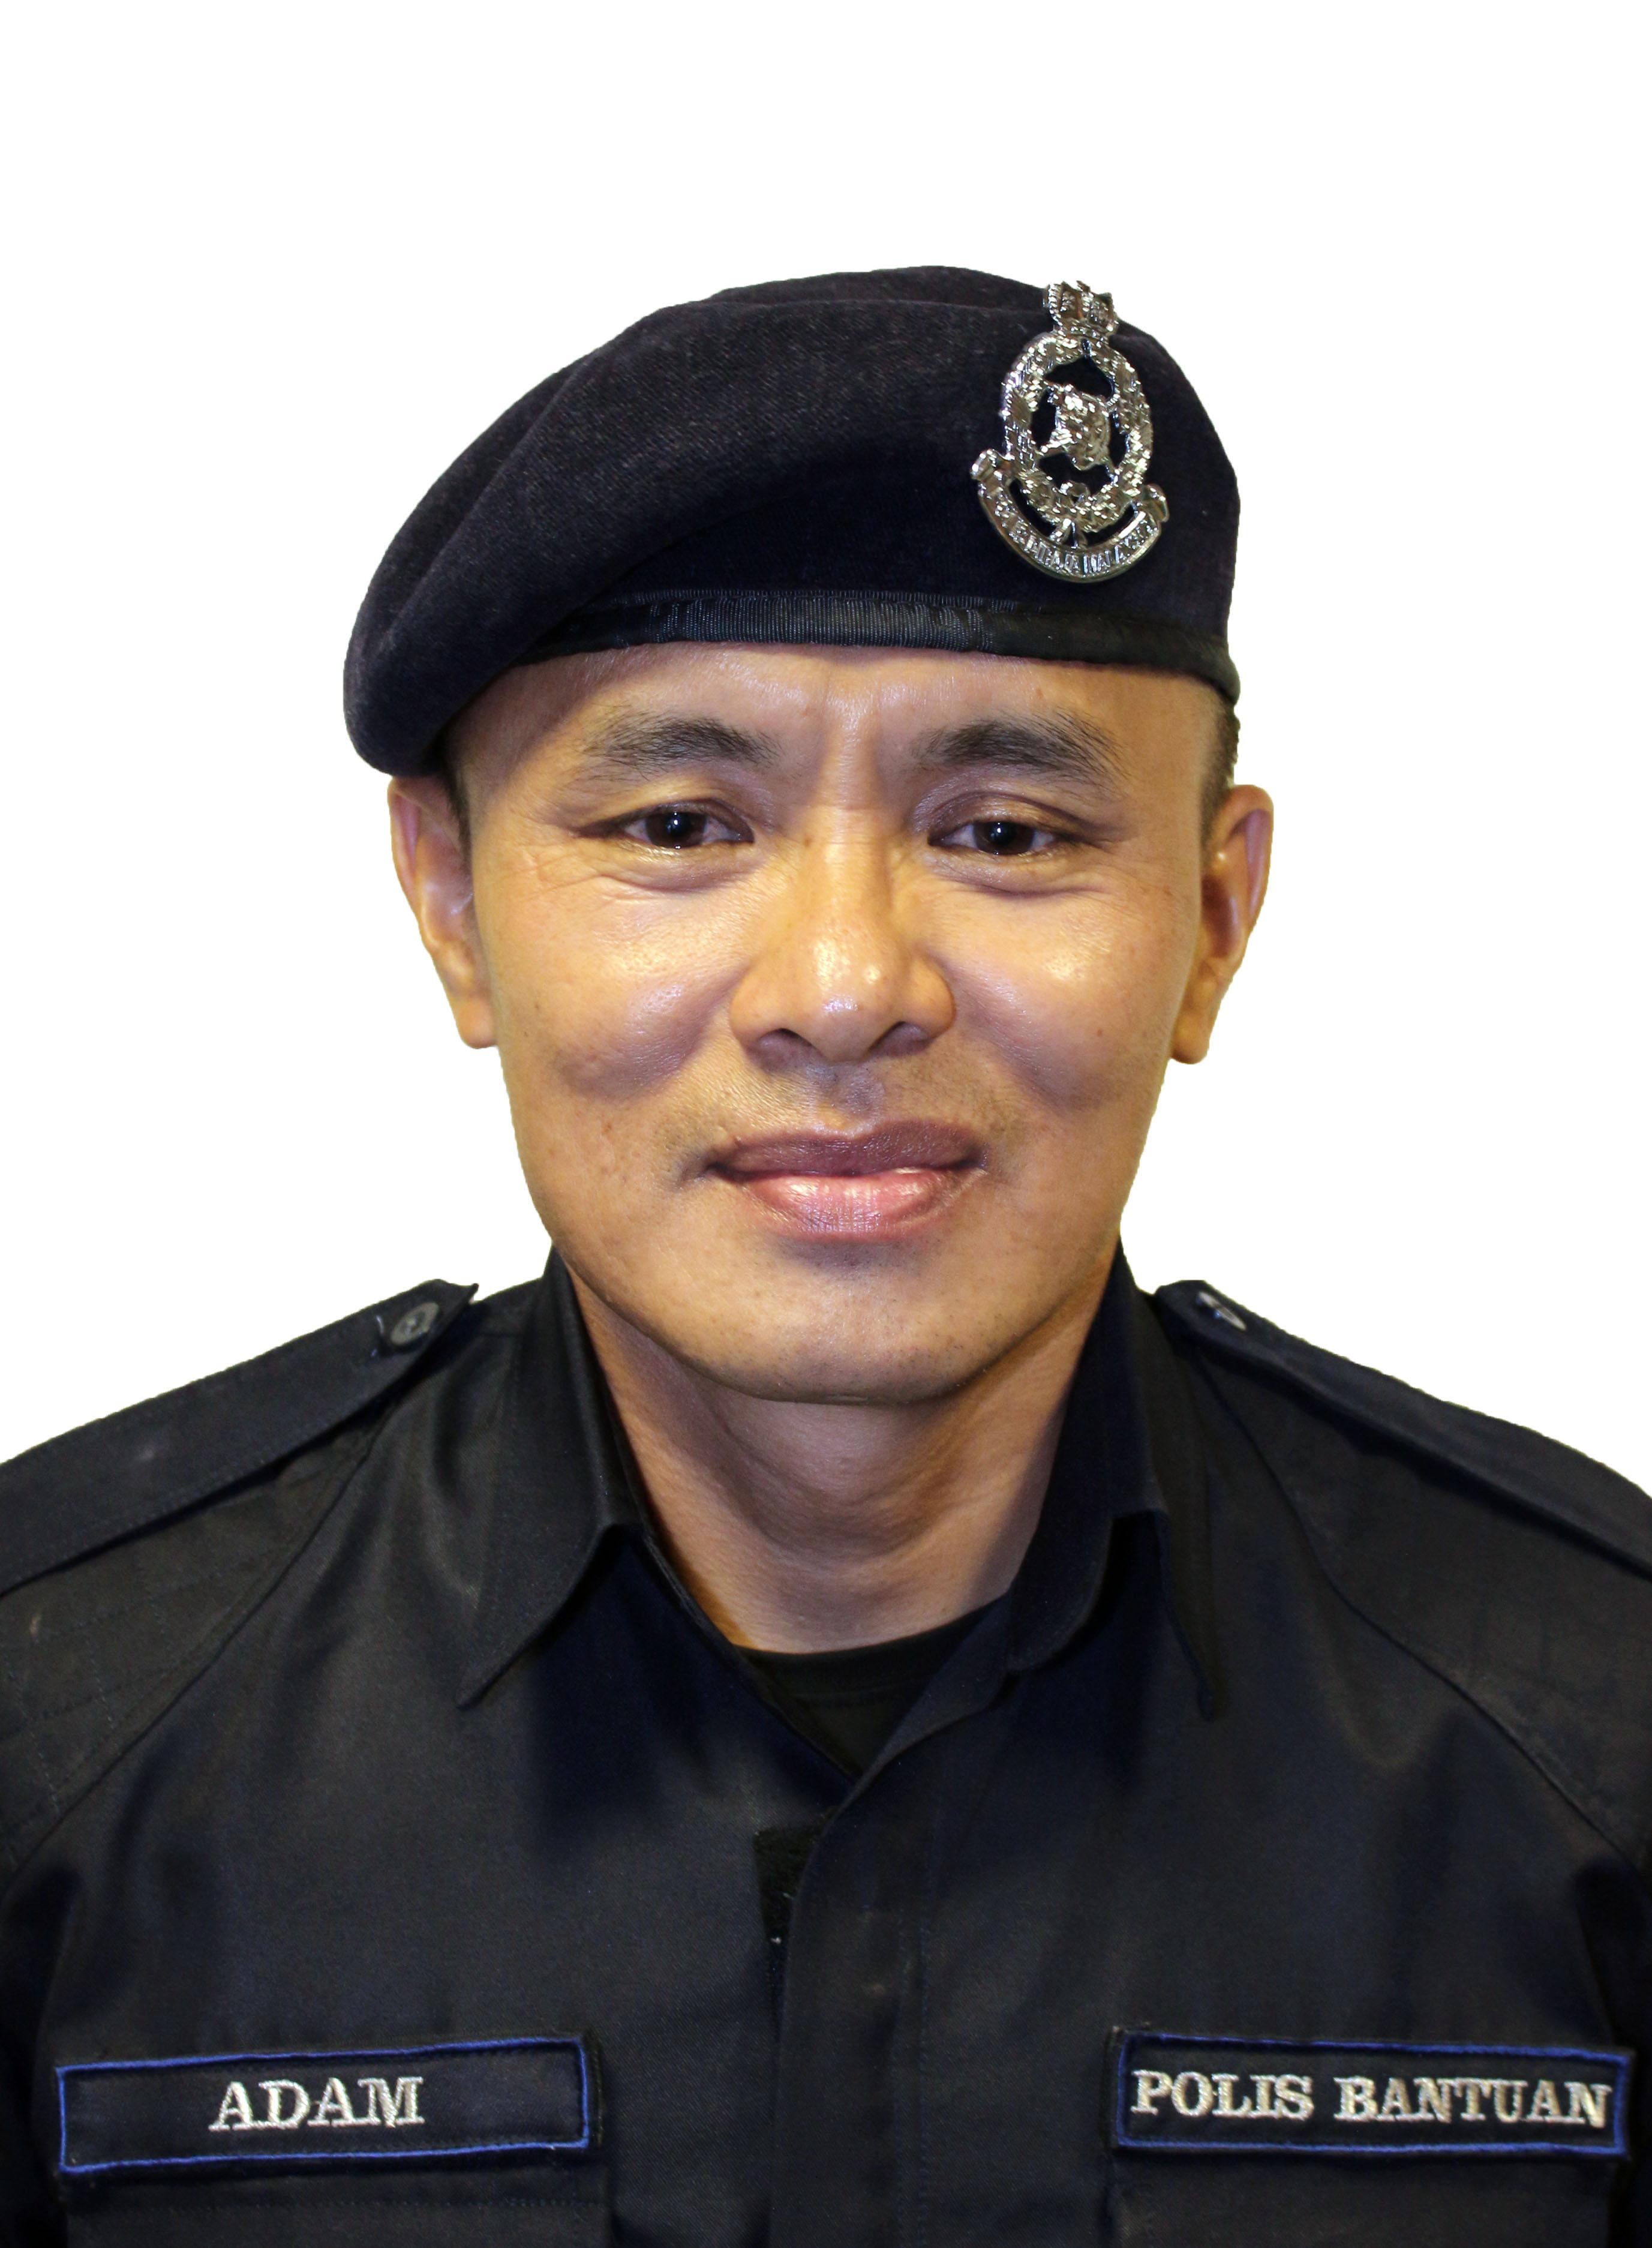 Cpl. Adam Harith Abdullah